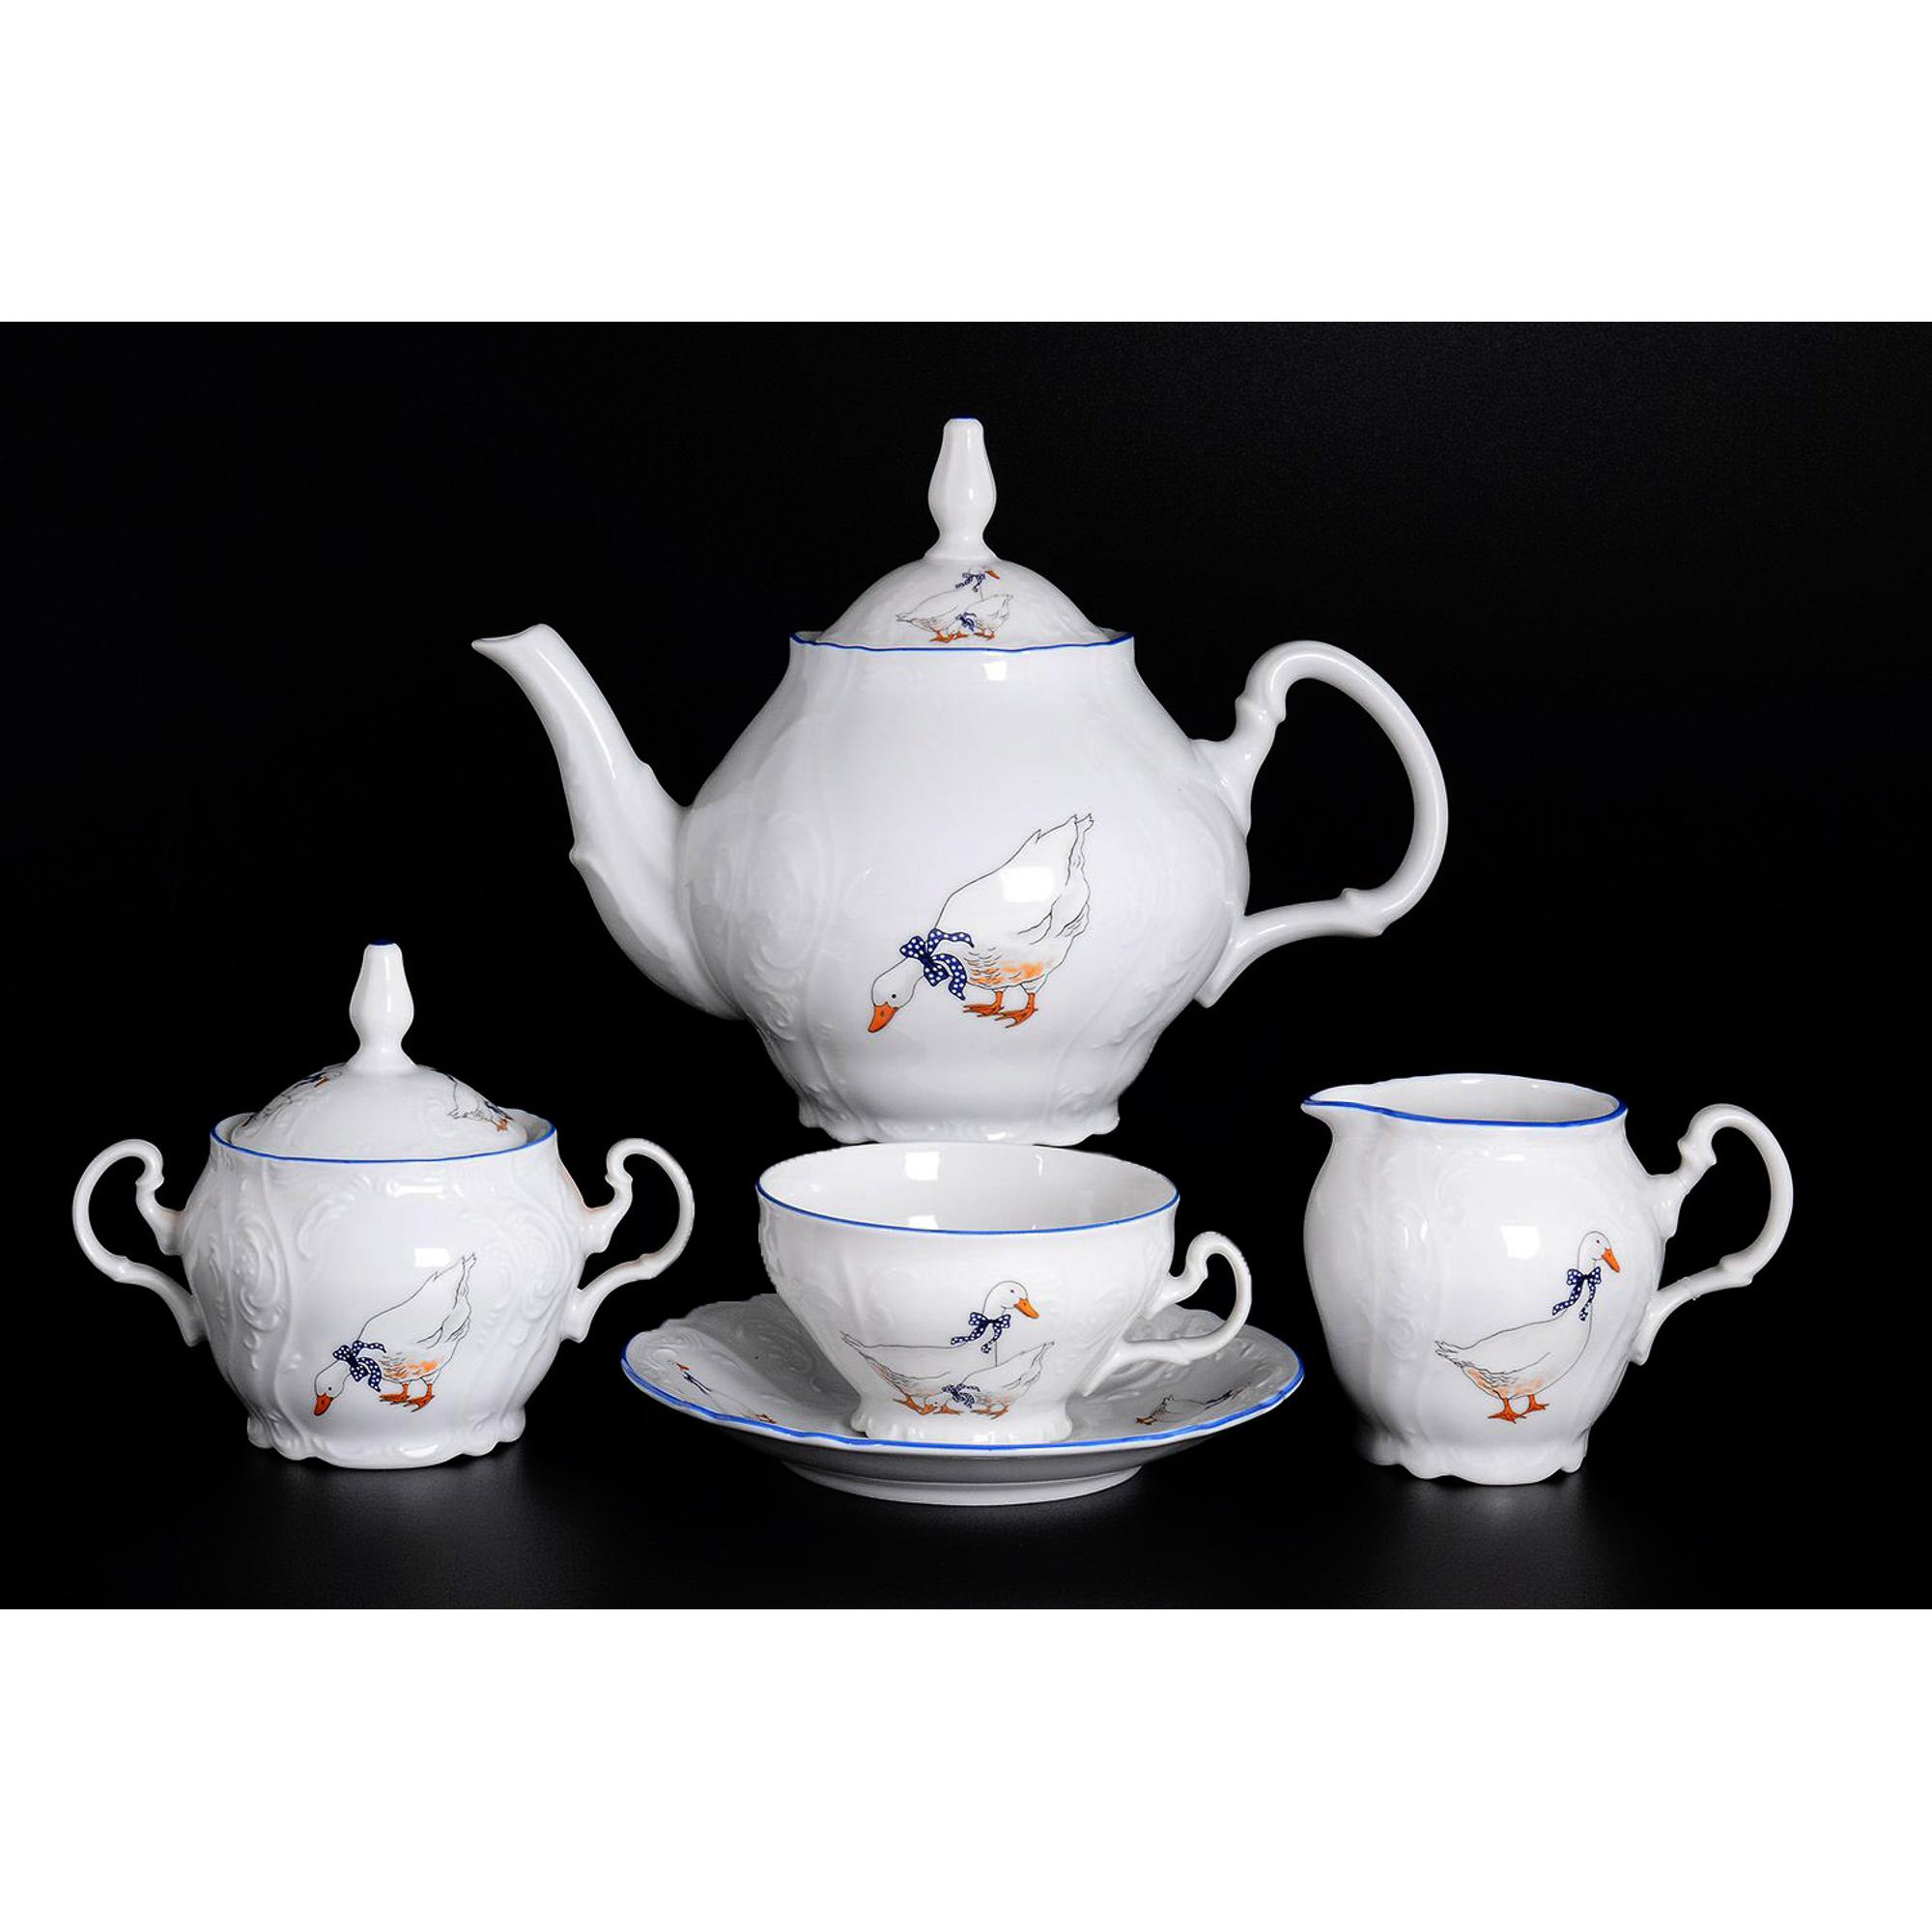 Сервиз чайный 6/9: декор гуси Bernadotte